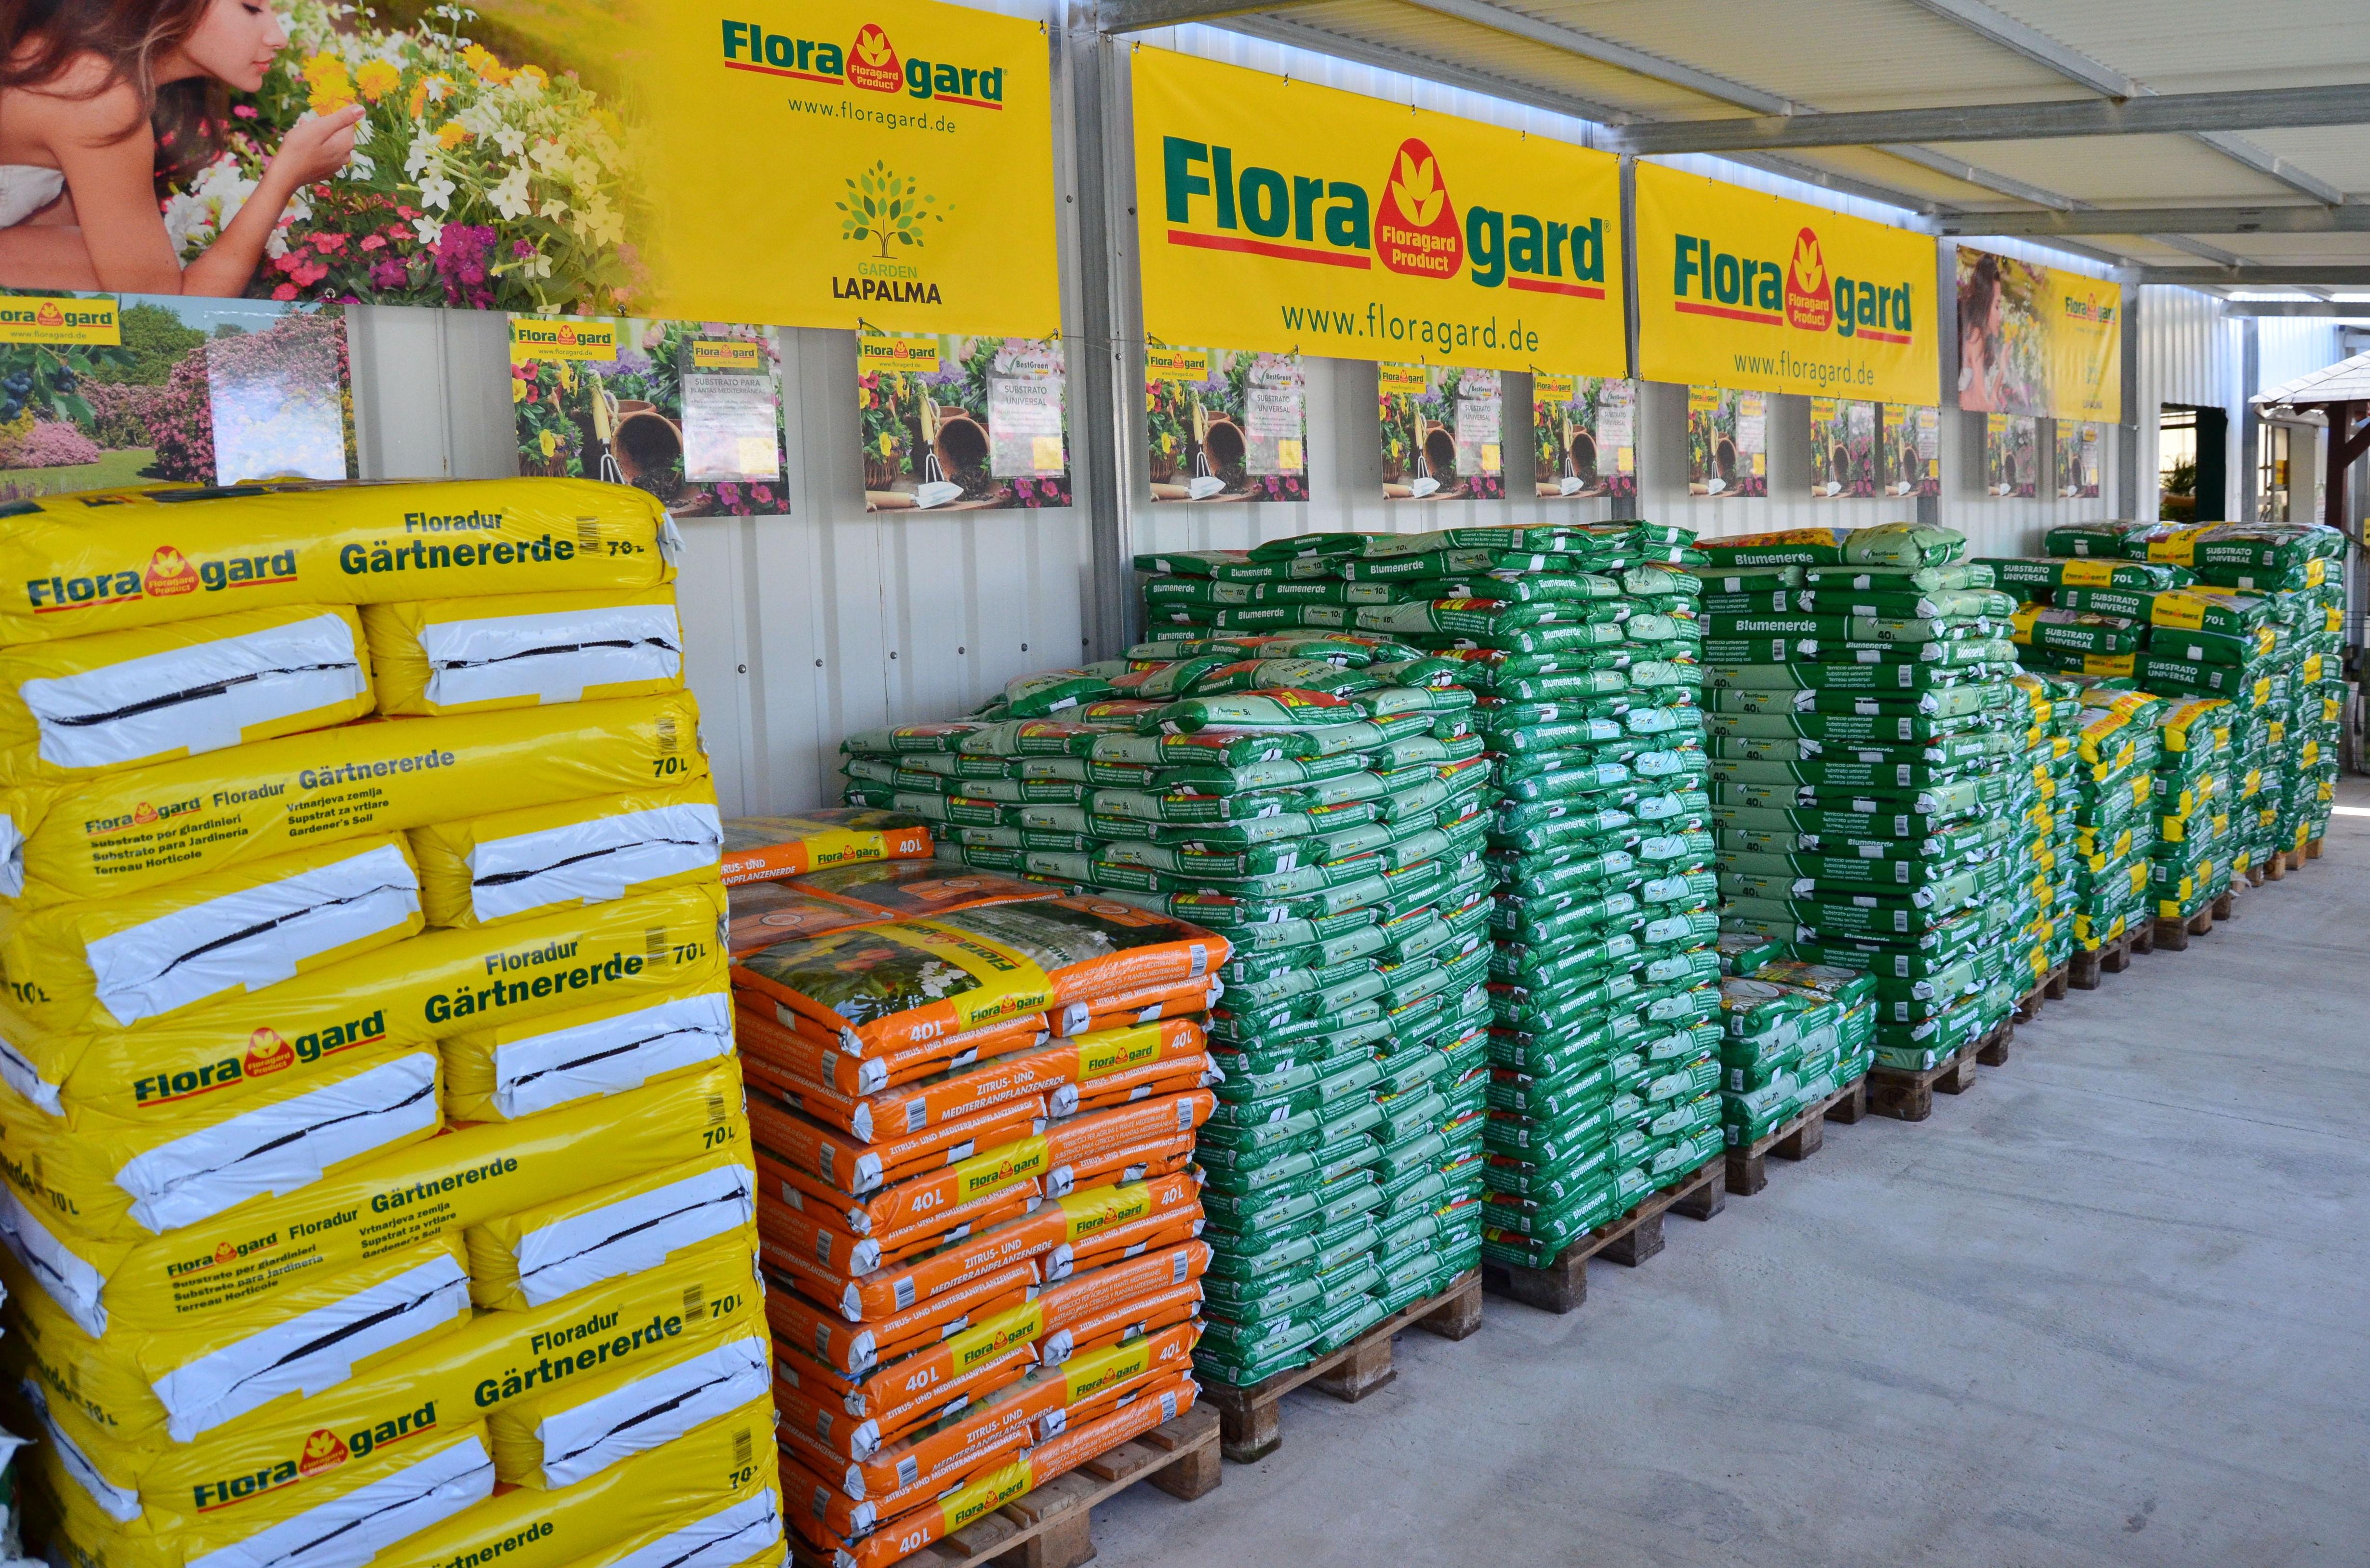 Floragard: Productos de Garden La Palma